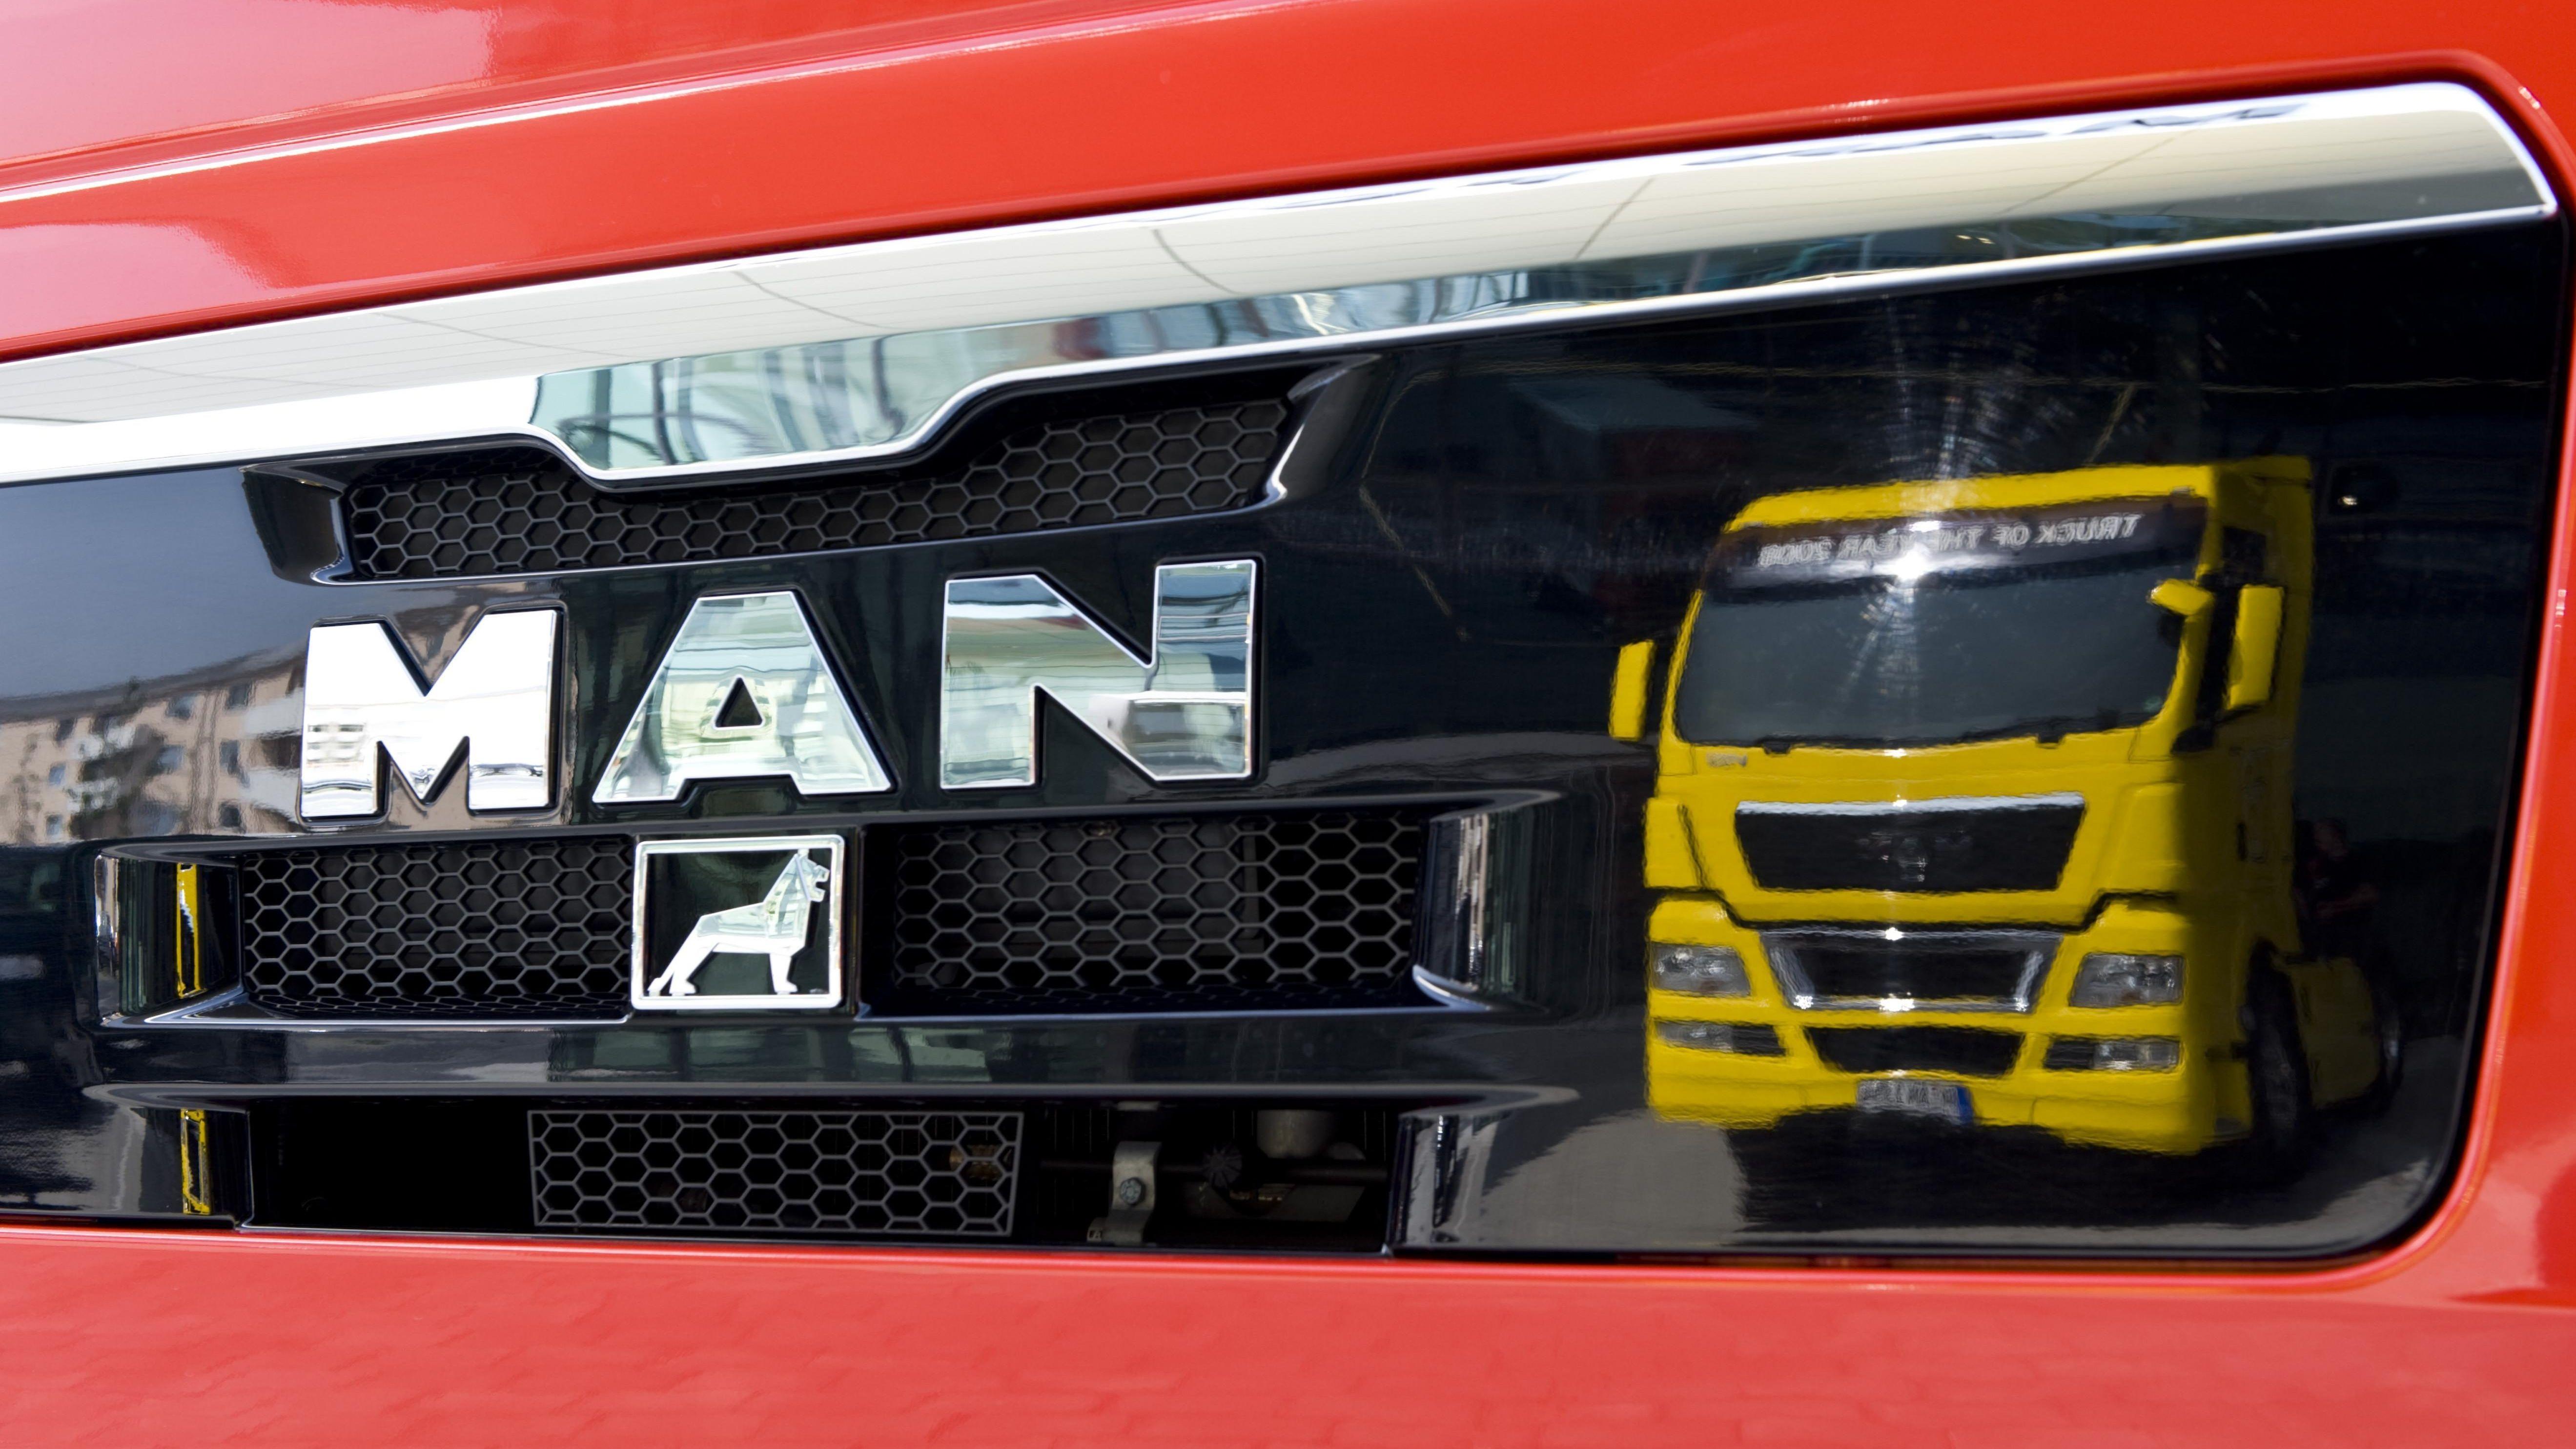 Ein gelber MAN Truck des Typs TGX 18.680 spiegelt sich in der Front eines anderen MAN Trucks.